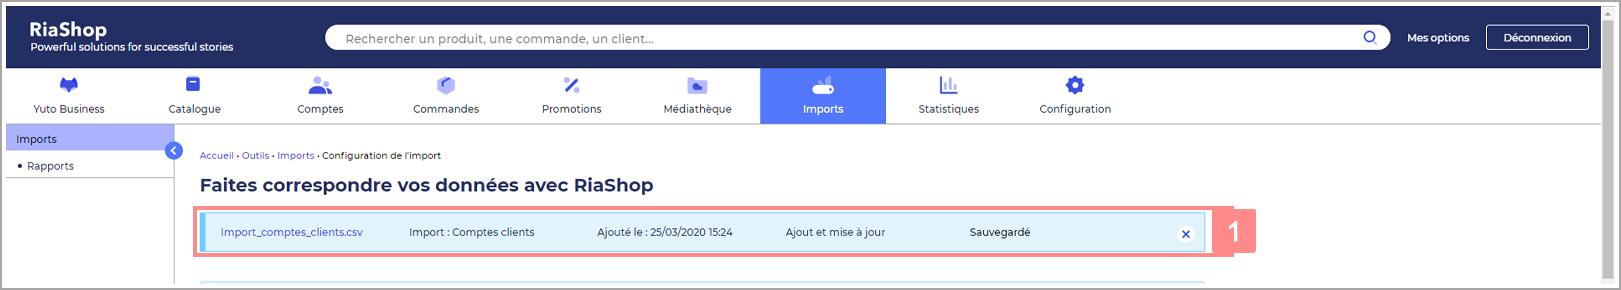 Informations d'un import sur la page configuration - Aide Yuto Business